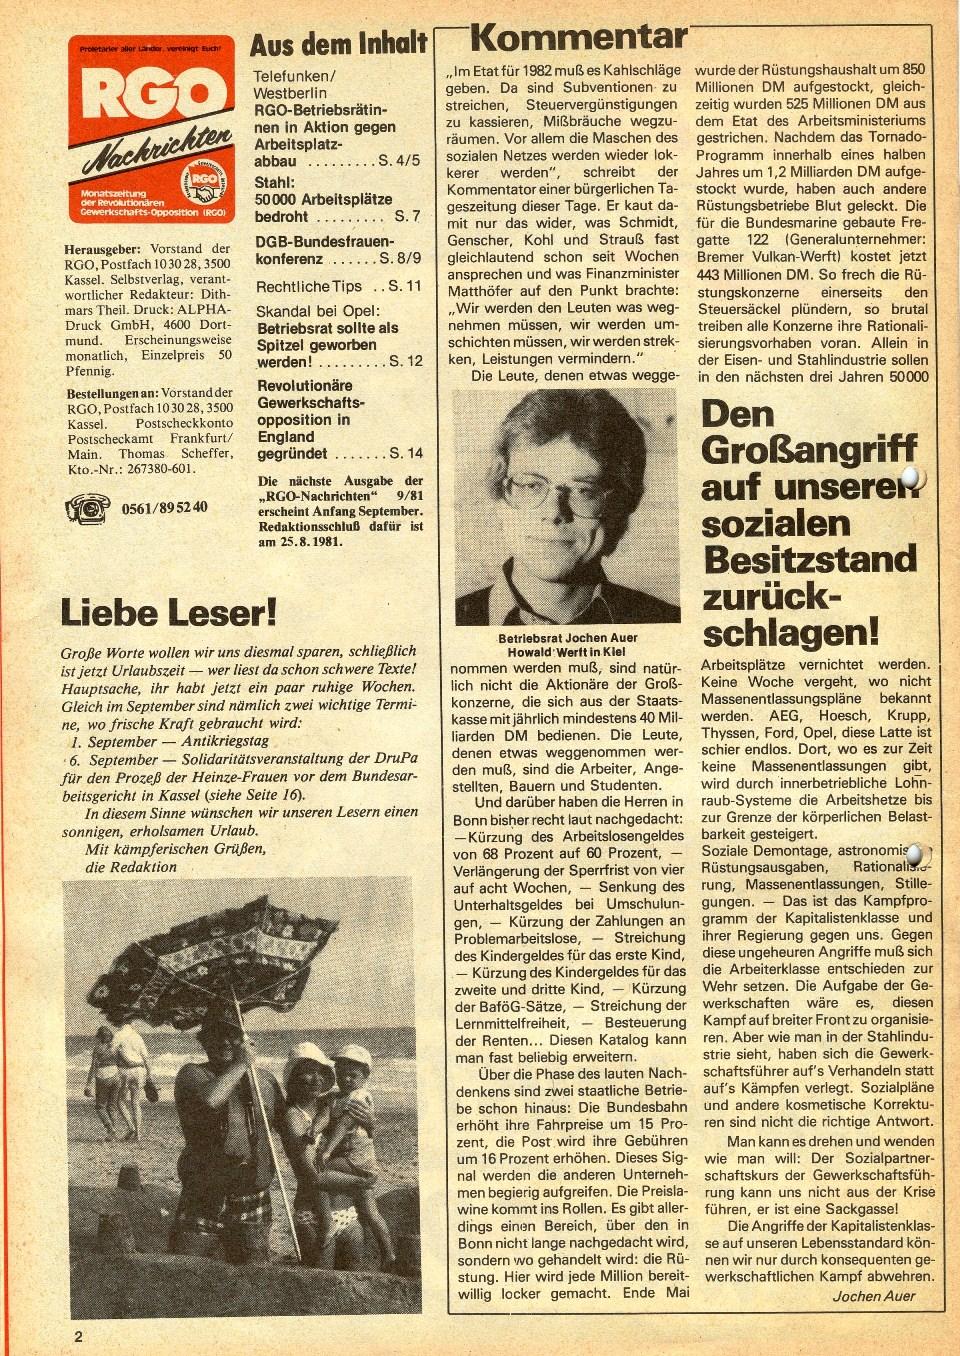 RGO_RGO_Nachrichten_1981_07_08_02